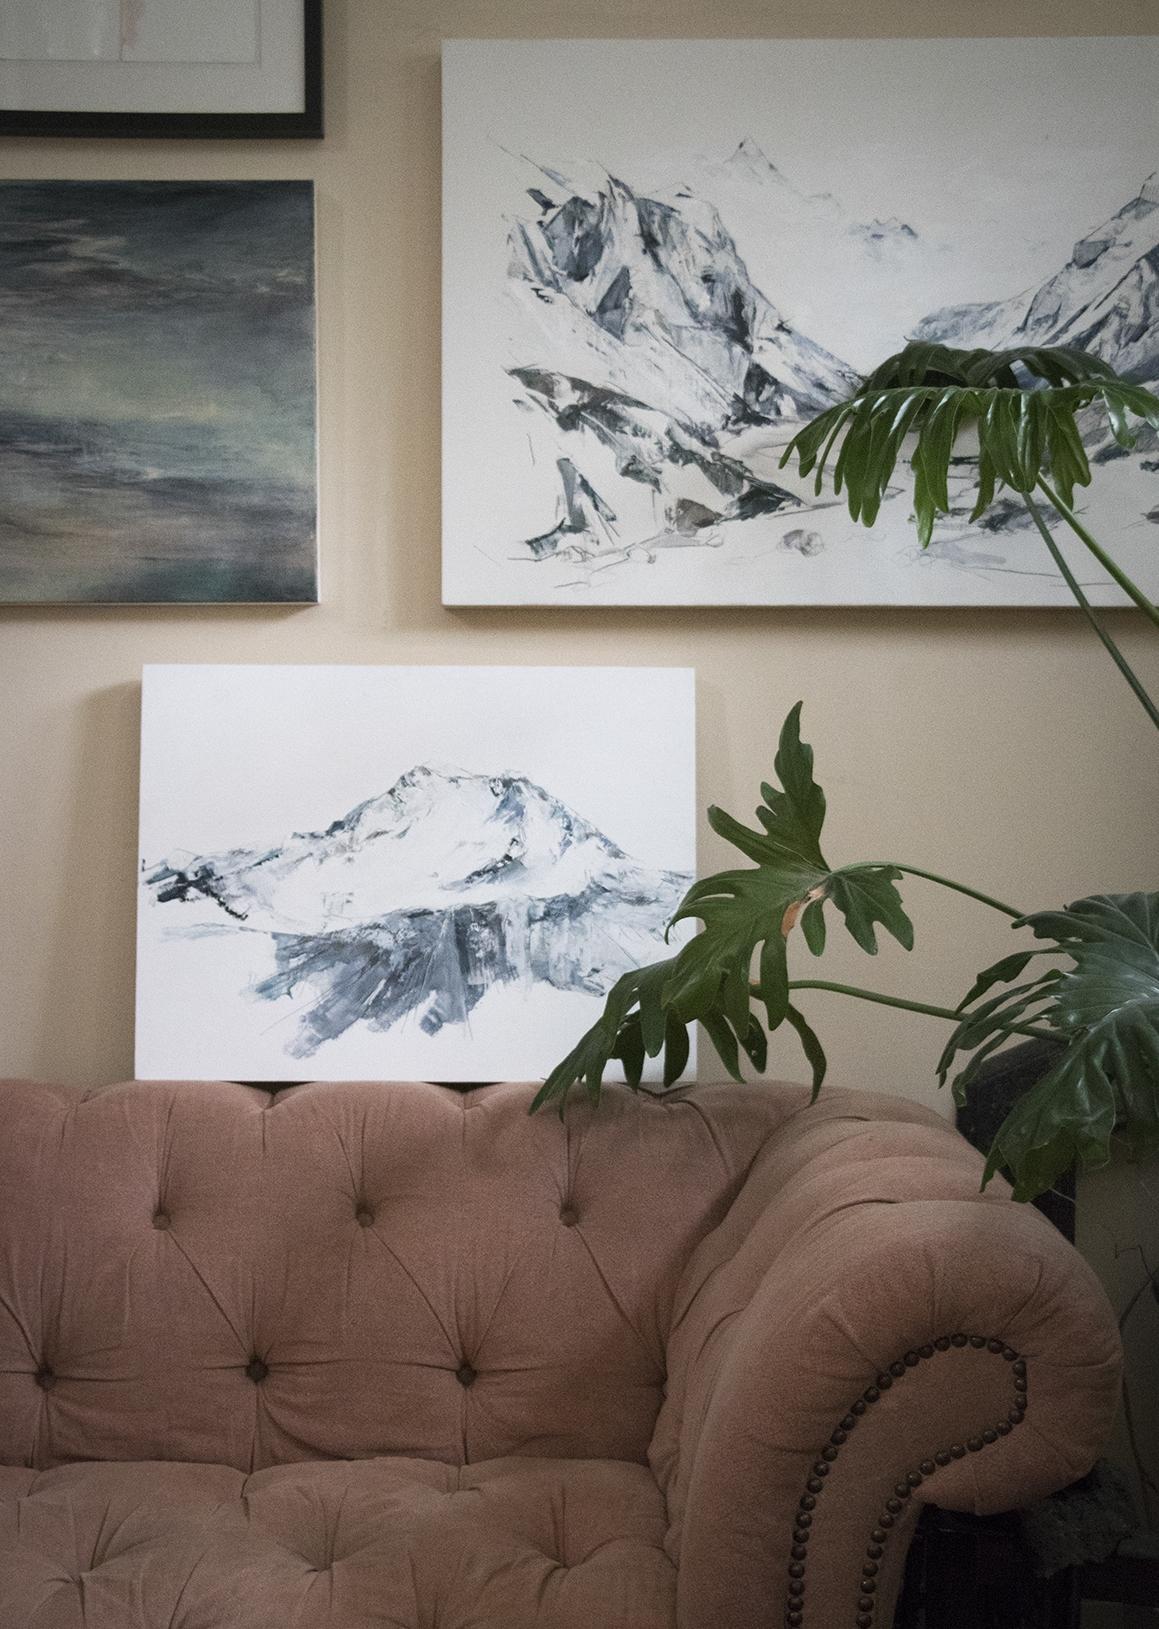 Mya_Kerner_Lesley_Frenz_Seattle_Artist_Landscape_Painting.jpg